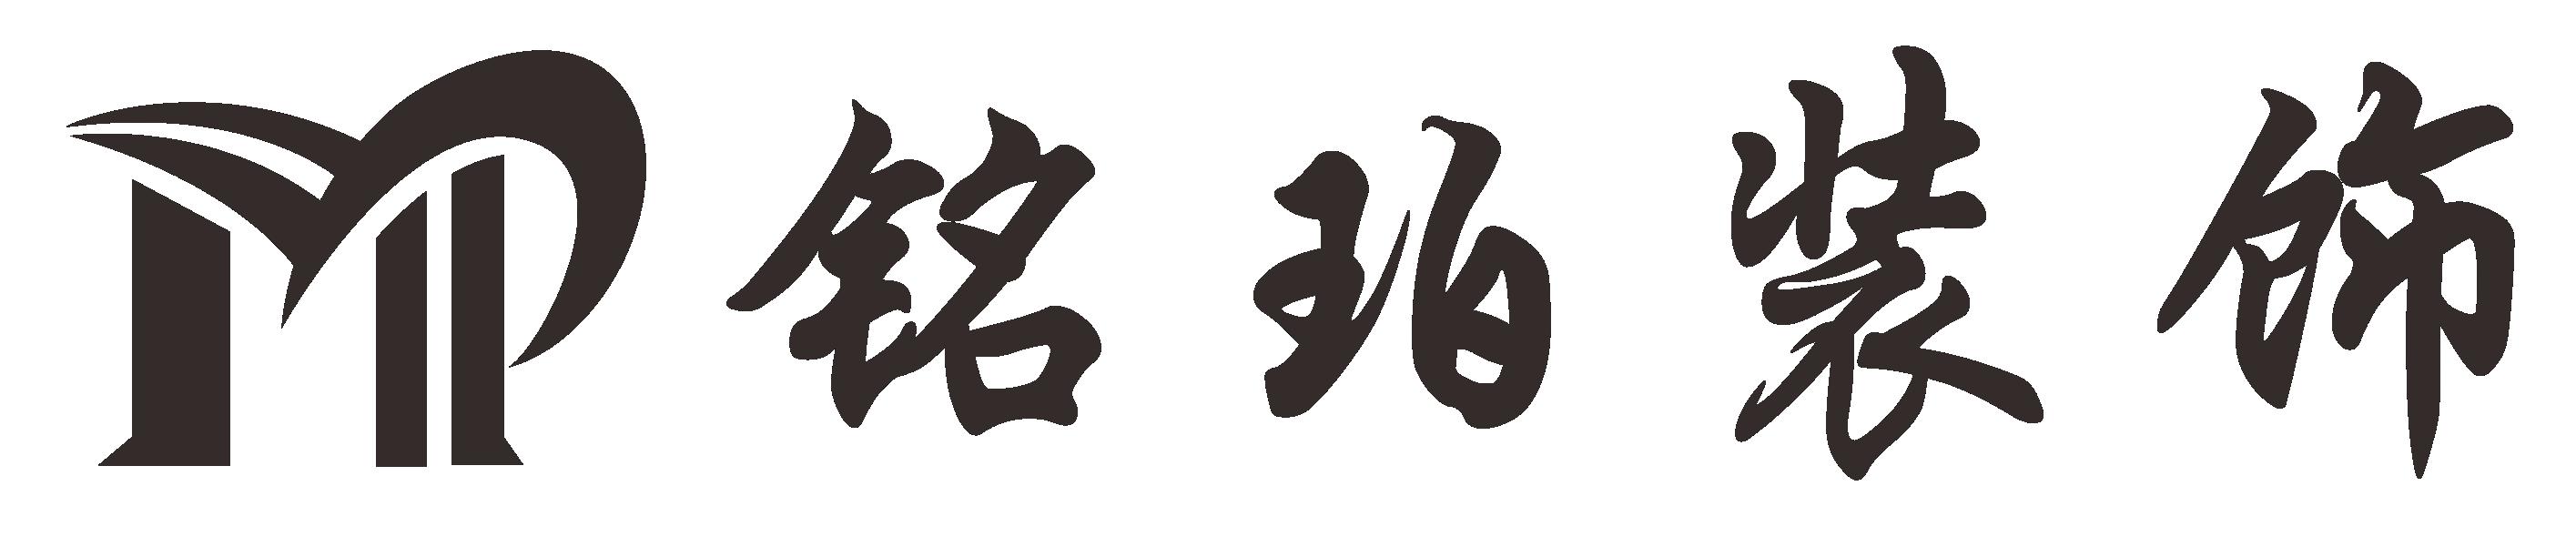 深圳铭珀装饰设计工程有限公司